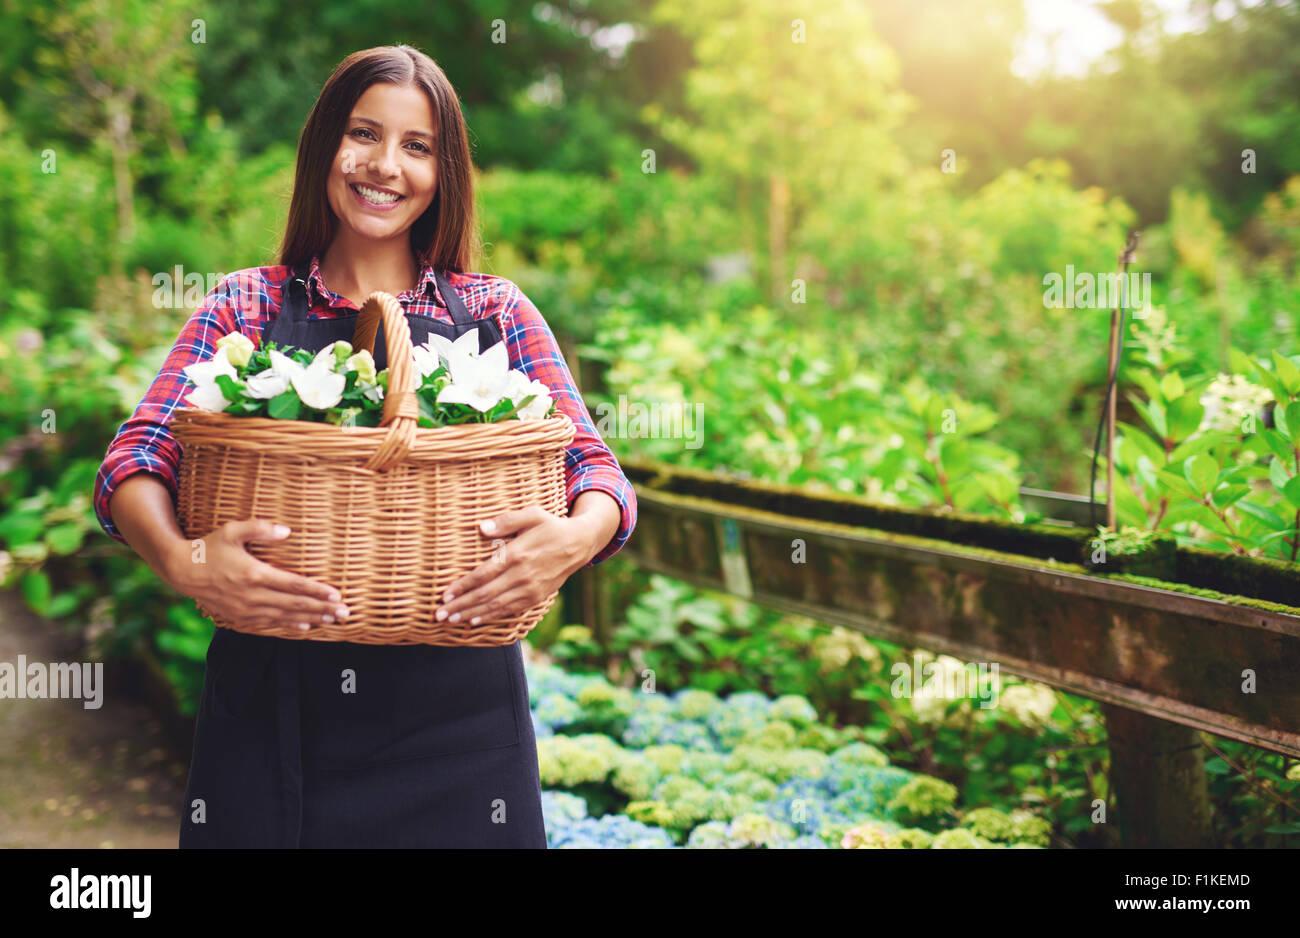 Junge Frau Florist arbeiten im Freien in der Gärtnerei sammeln Blumen in einem großen Weidenkorb hält Stockbild